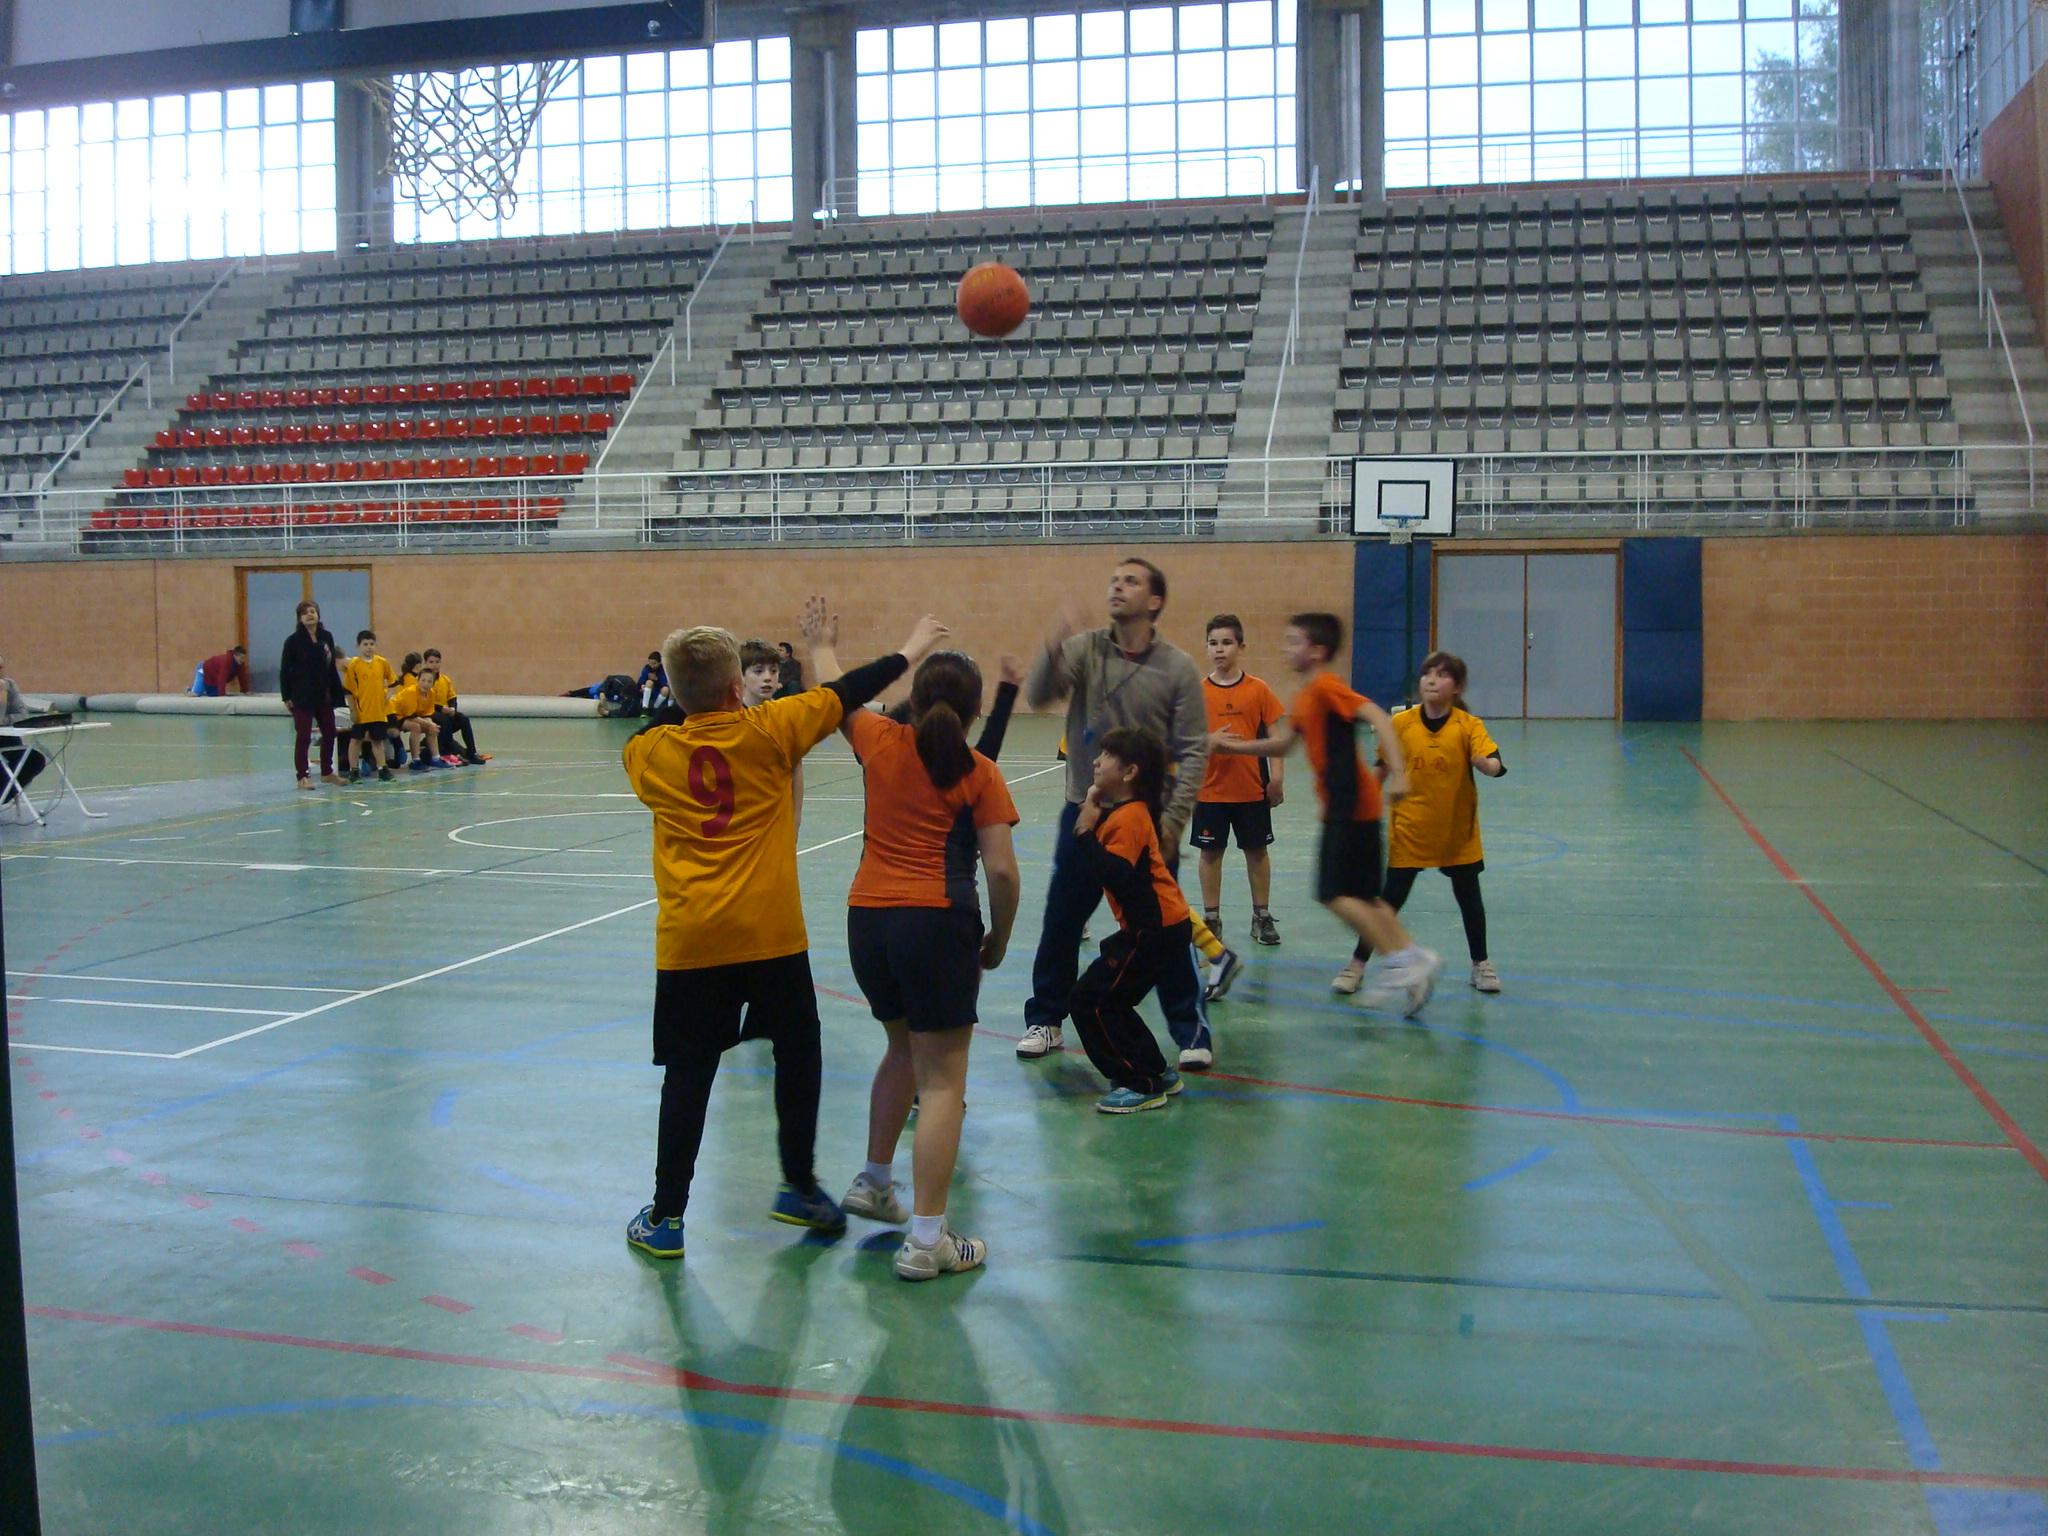 Juegos basket